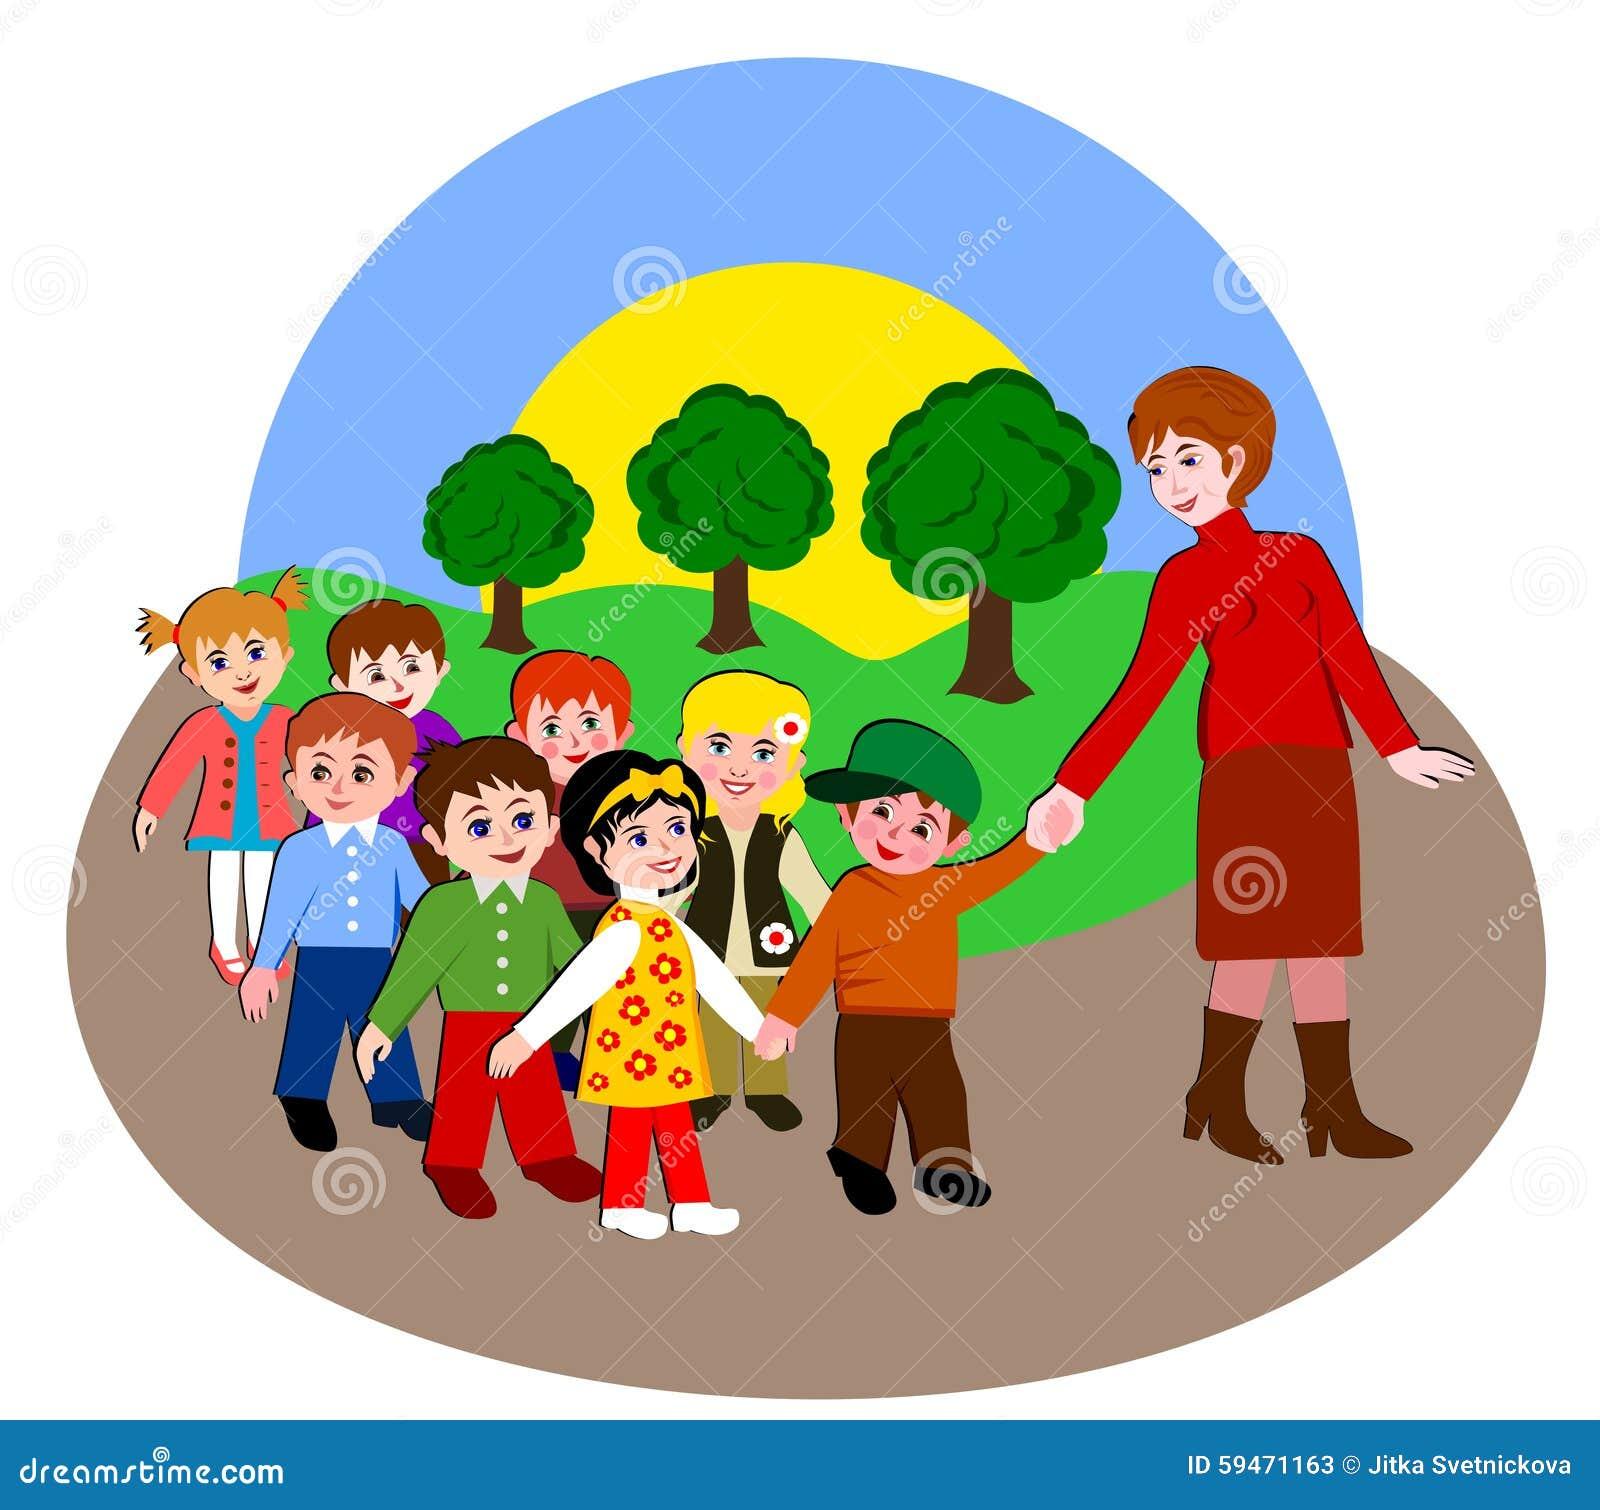 imagens jardim infancia:Child Walking with Teacher